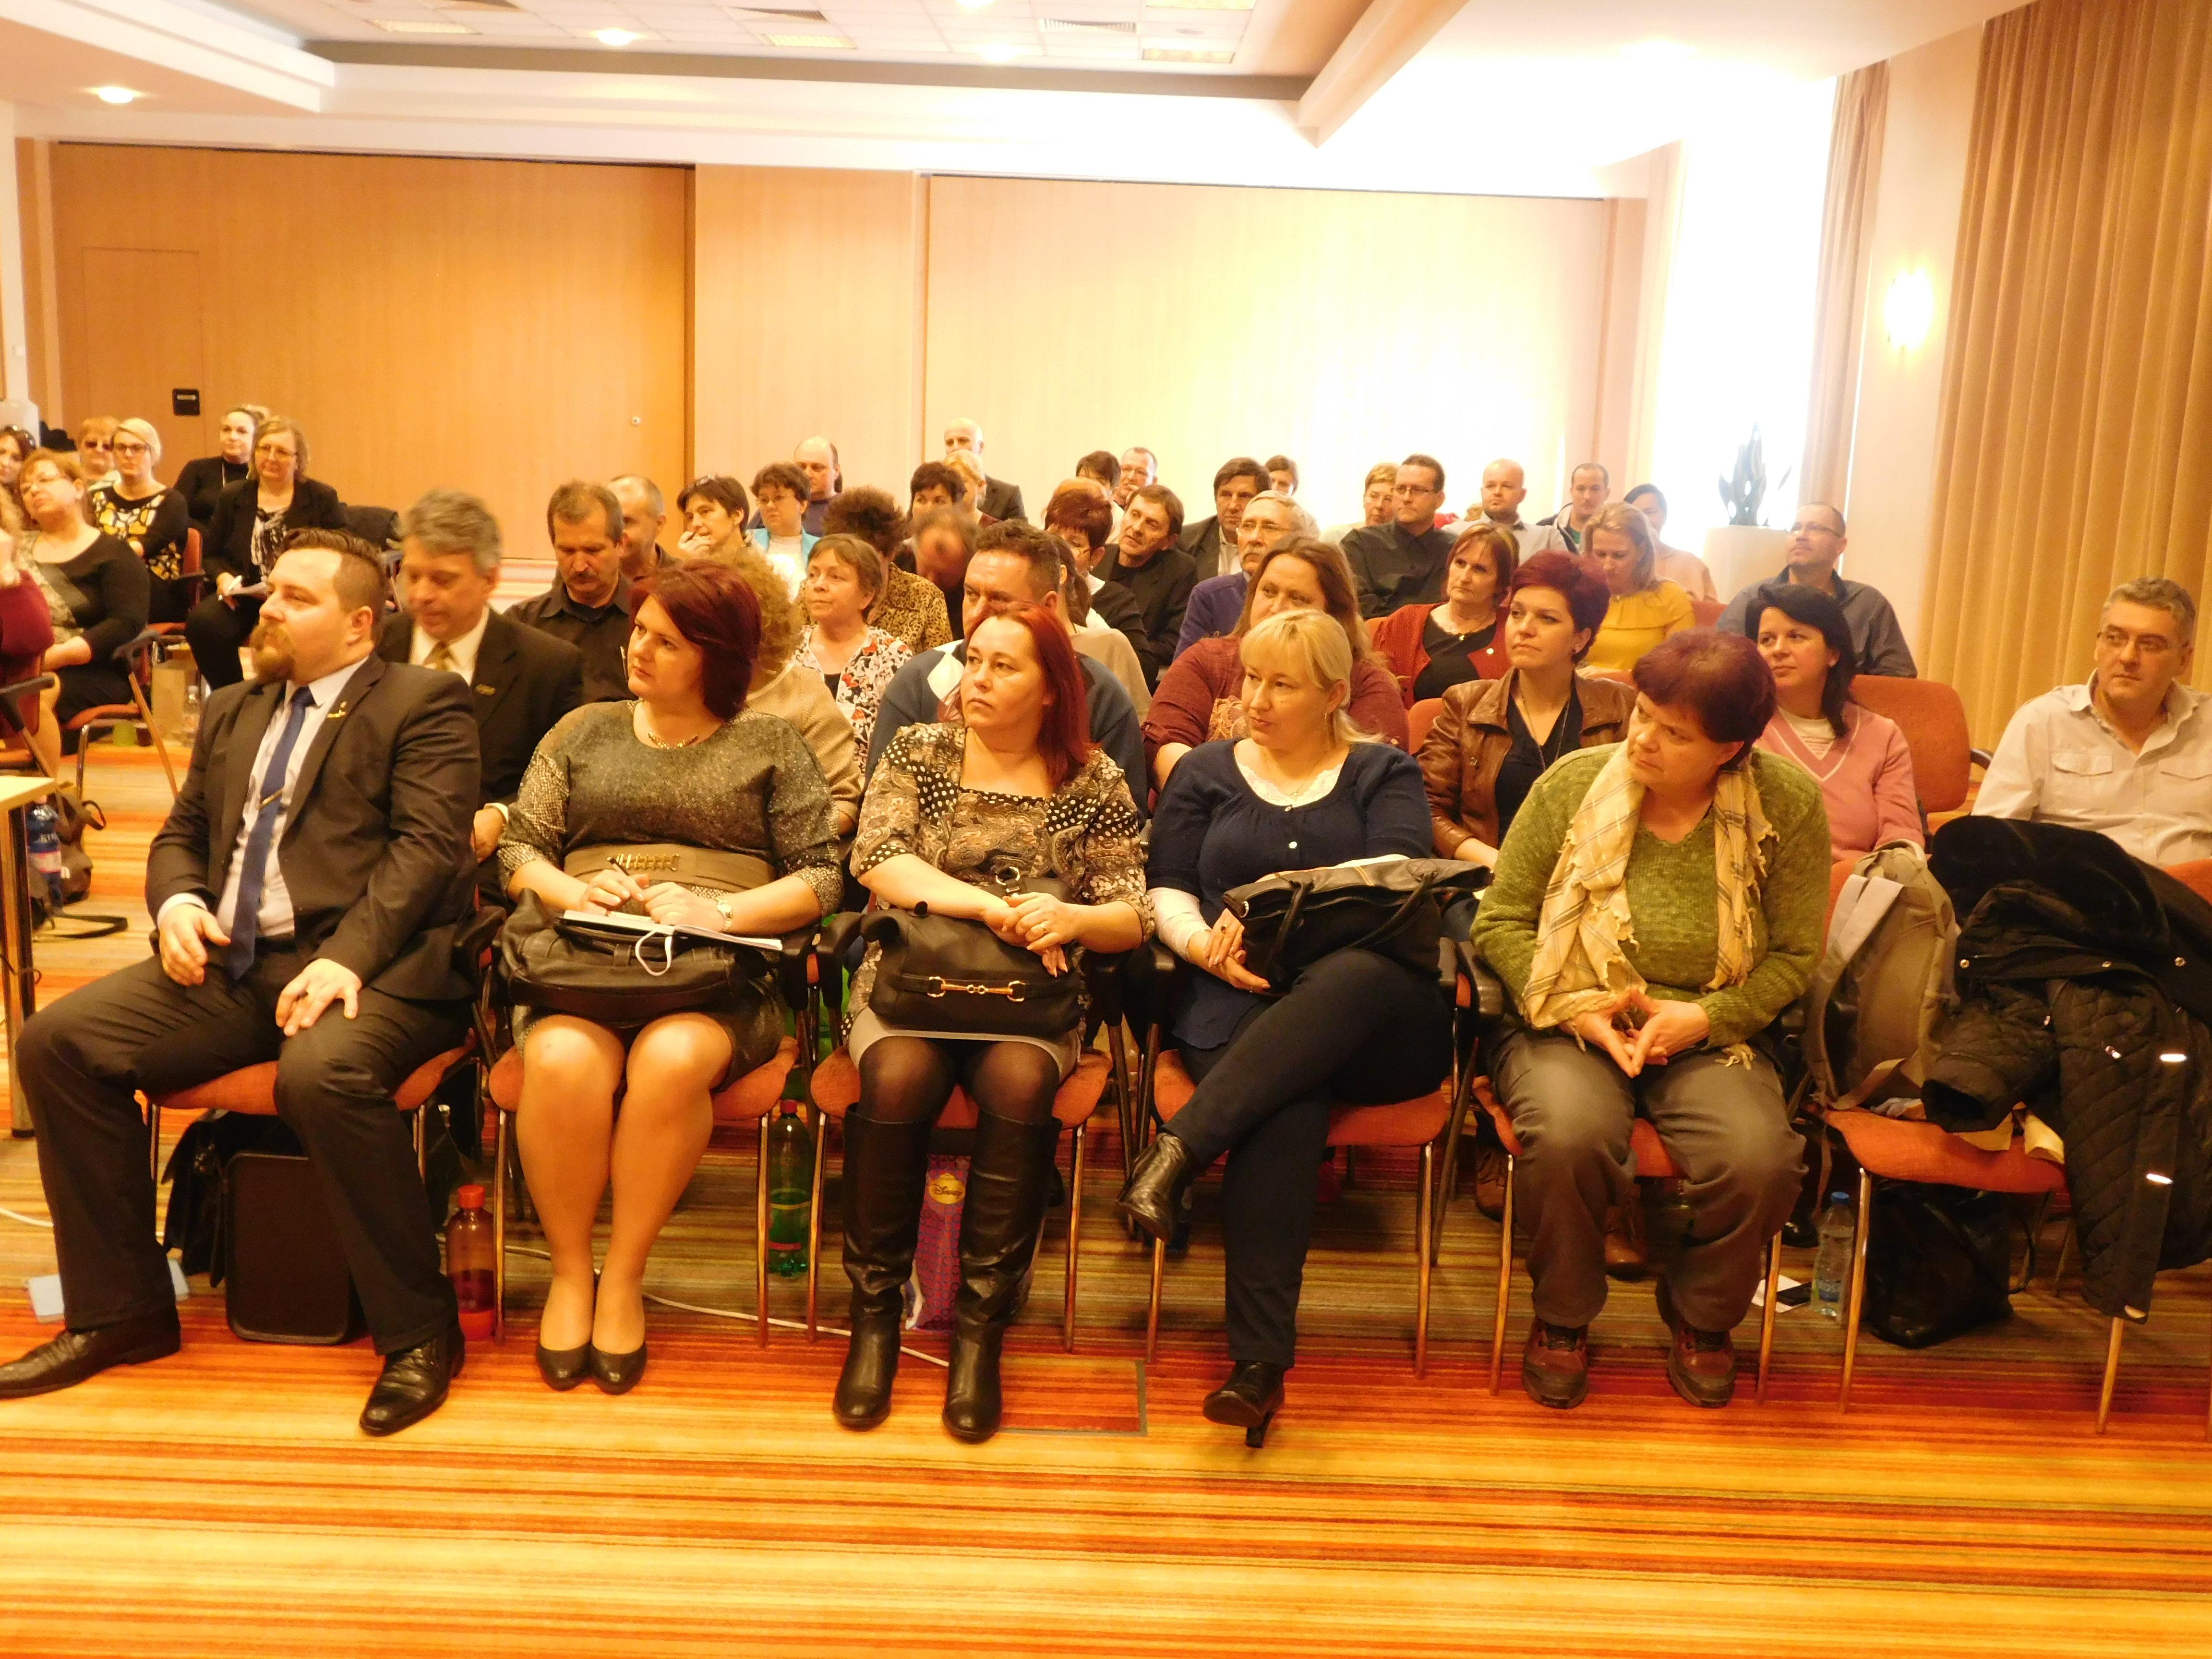 Telt ház volt ezúttal is a Novotelben. A képen csak a terem egyik felének résztvevői... :)